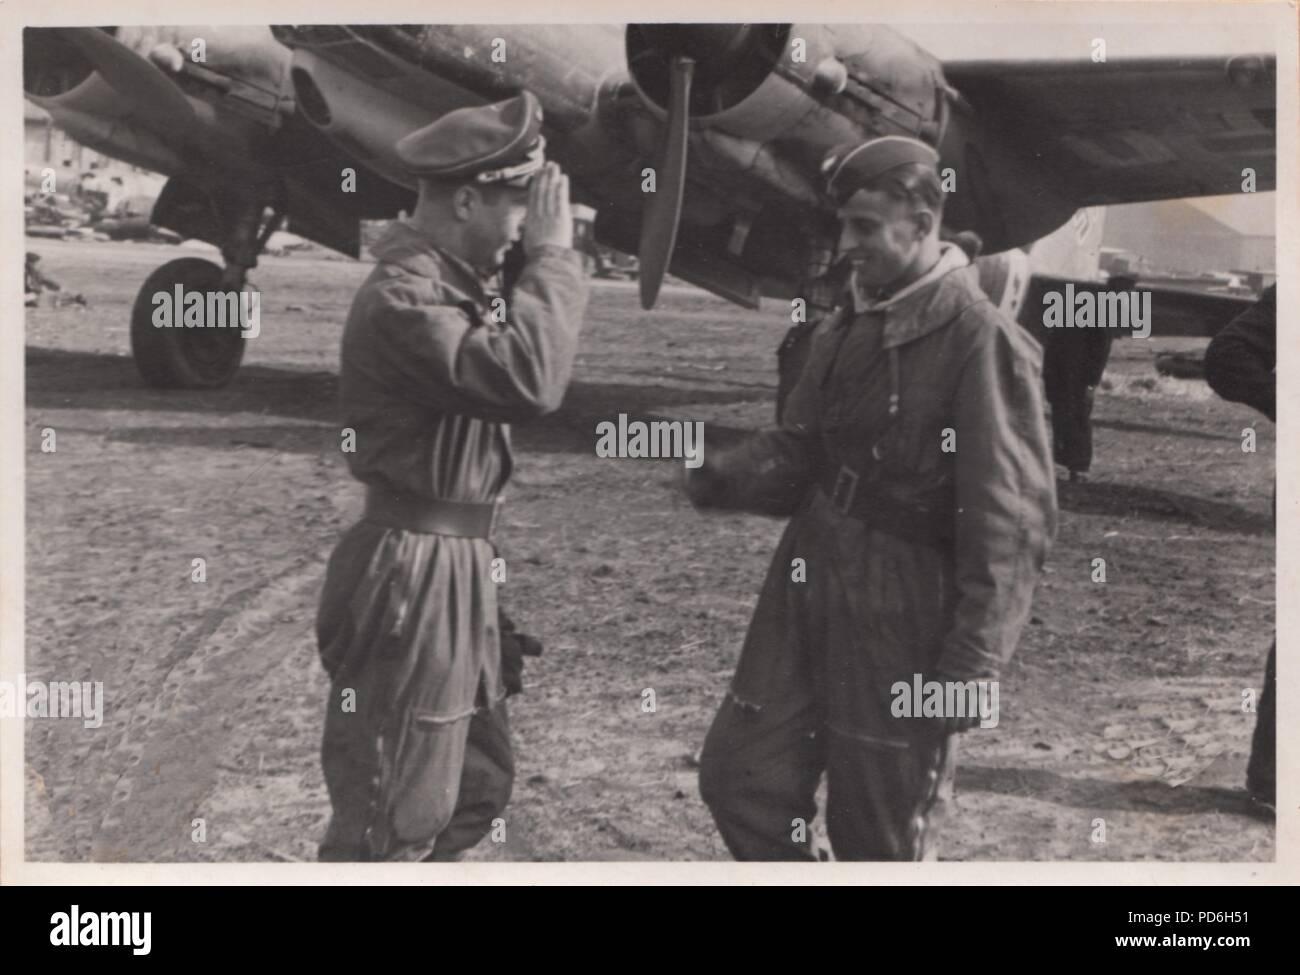 Droit de l'album photo de l'Oberleutnant Oscar Müller de la Kampfgeschwader 1: Leutnant Frenzel (à gauche) du 5./KG 1 fait état d'une sortie réussie Leutnant Oscar Müller en 1941. Banque D'Images